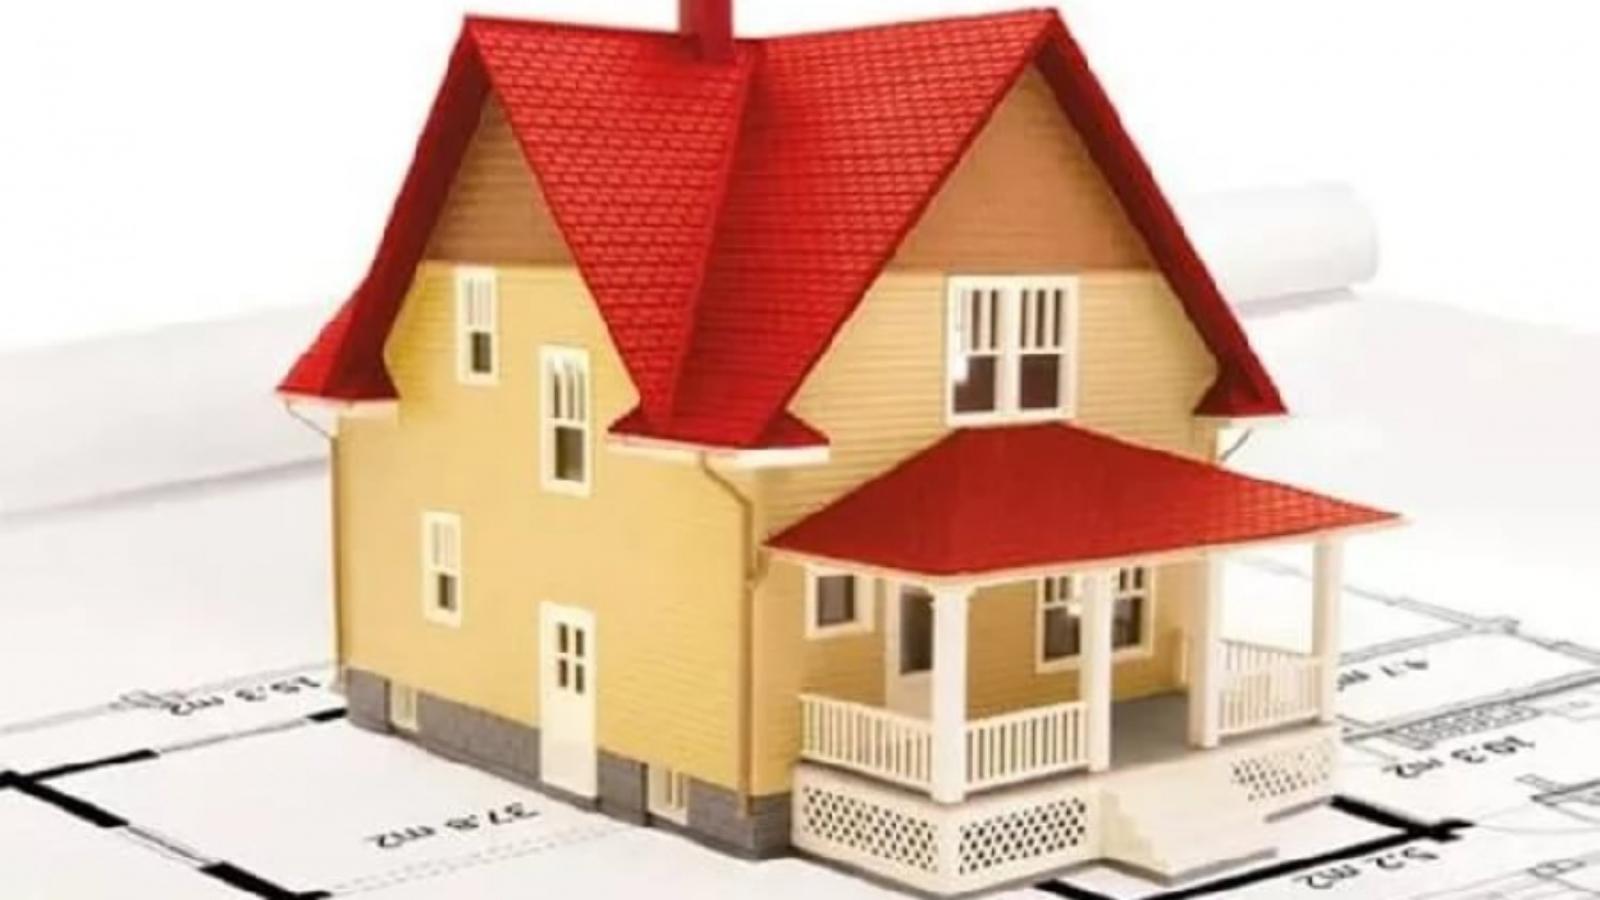 Зачем нужно получать разрешение на строительство на собственном участке?